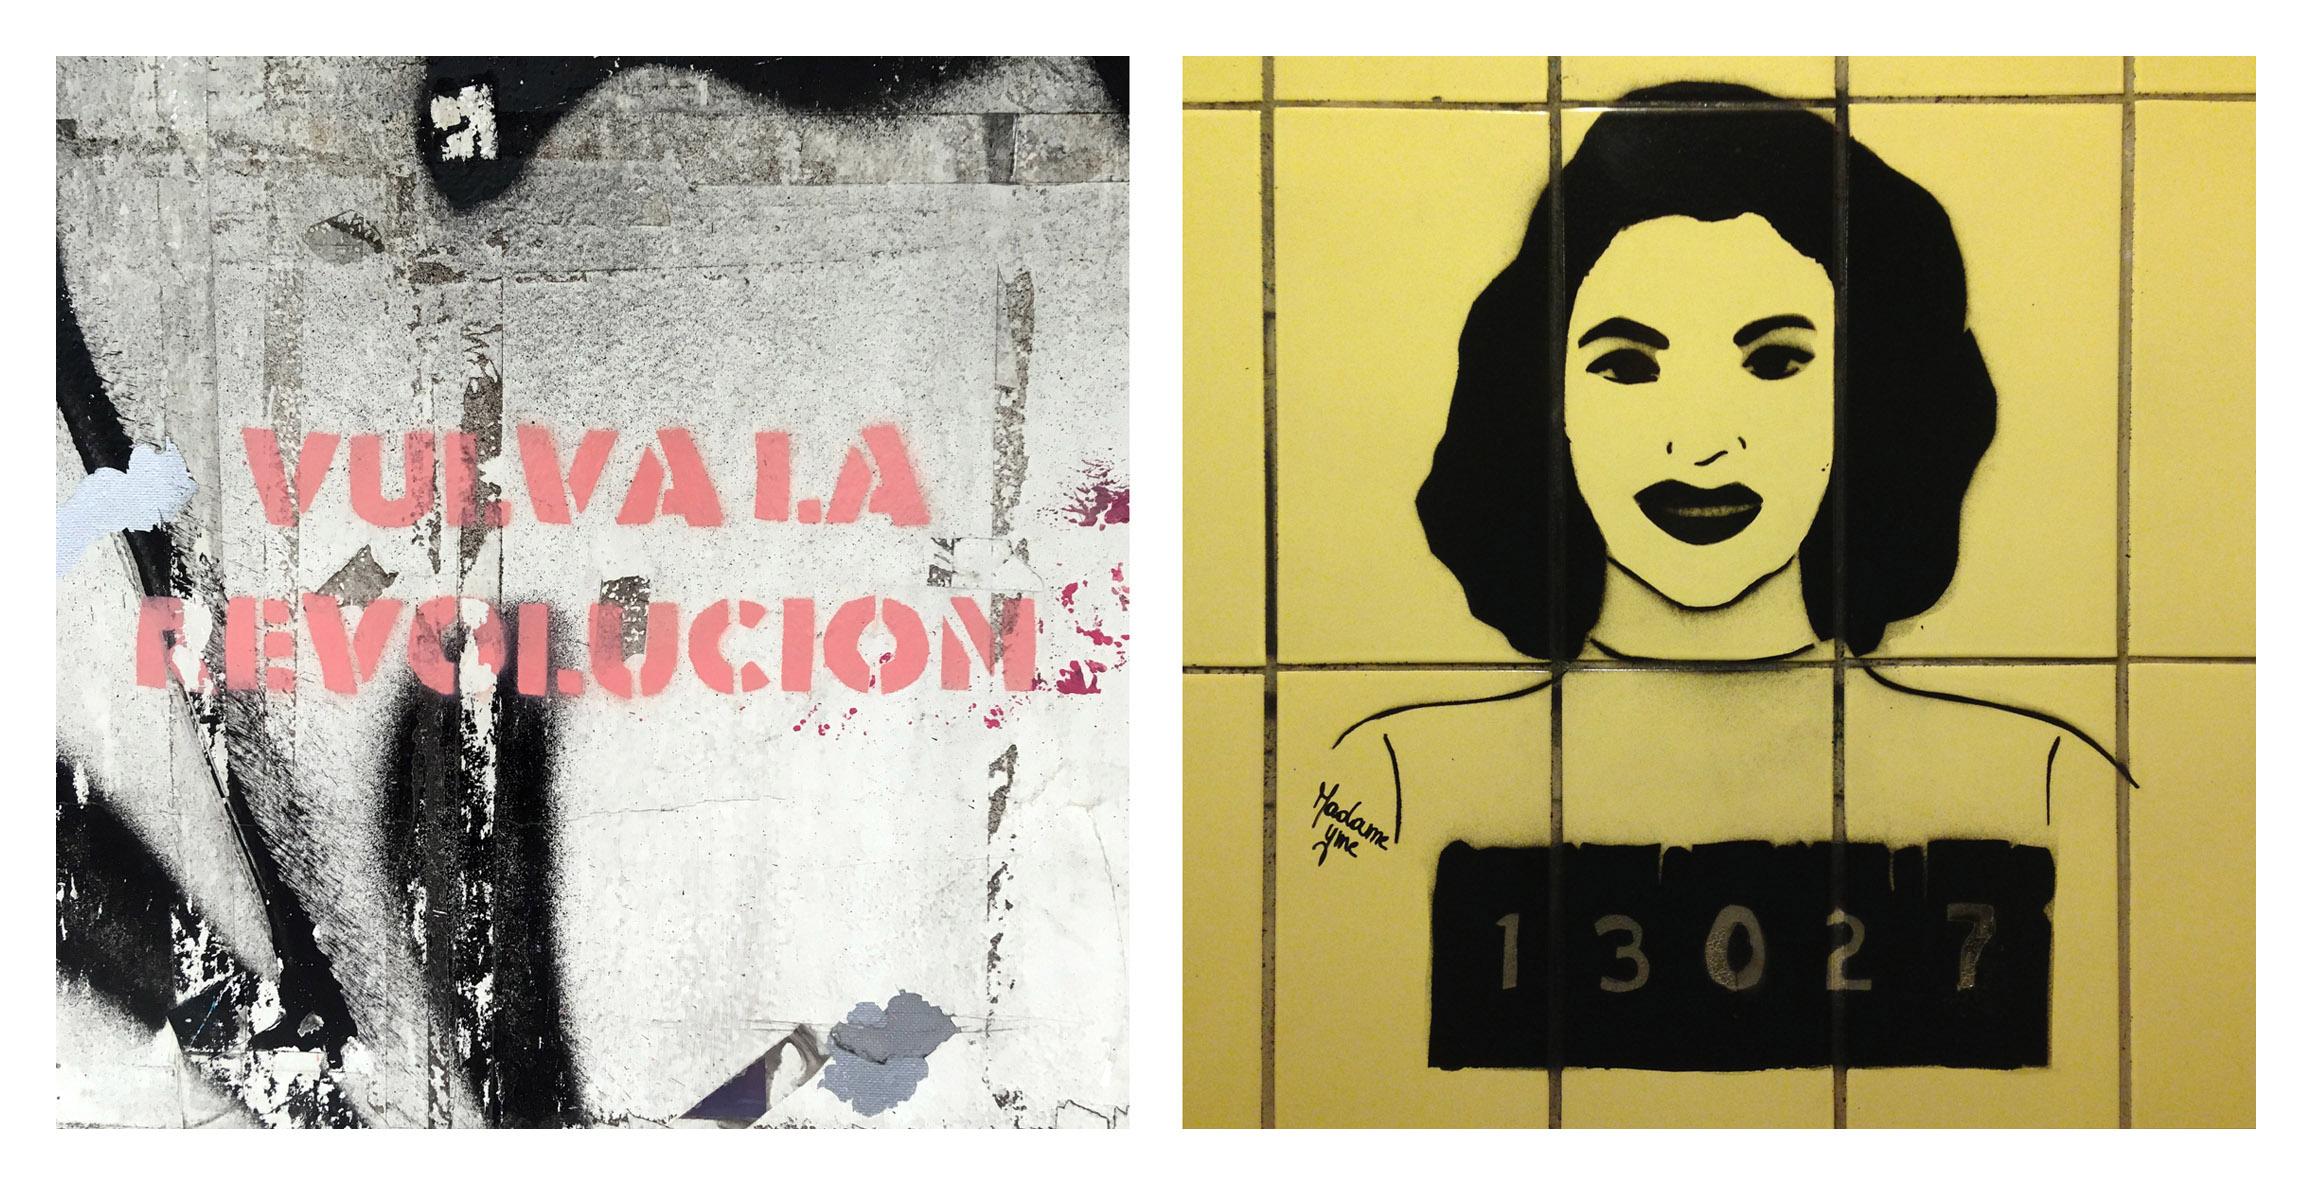 Vulva-La-Revolucion©Jo-Voets.jpg